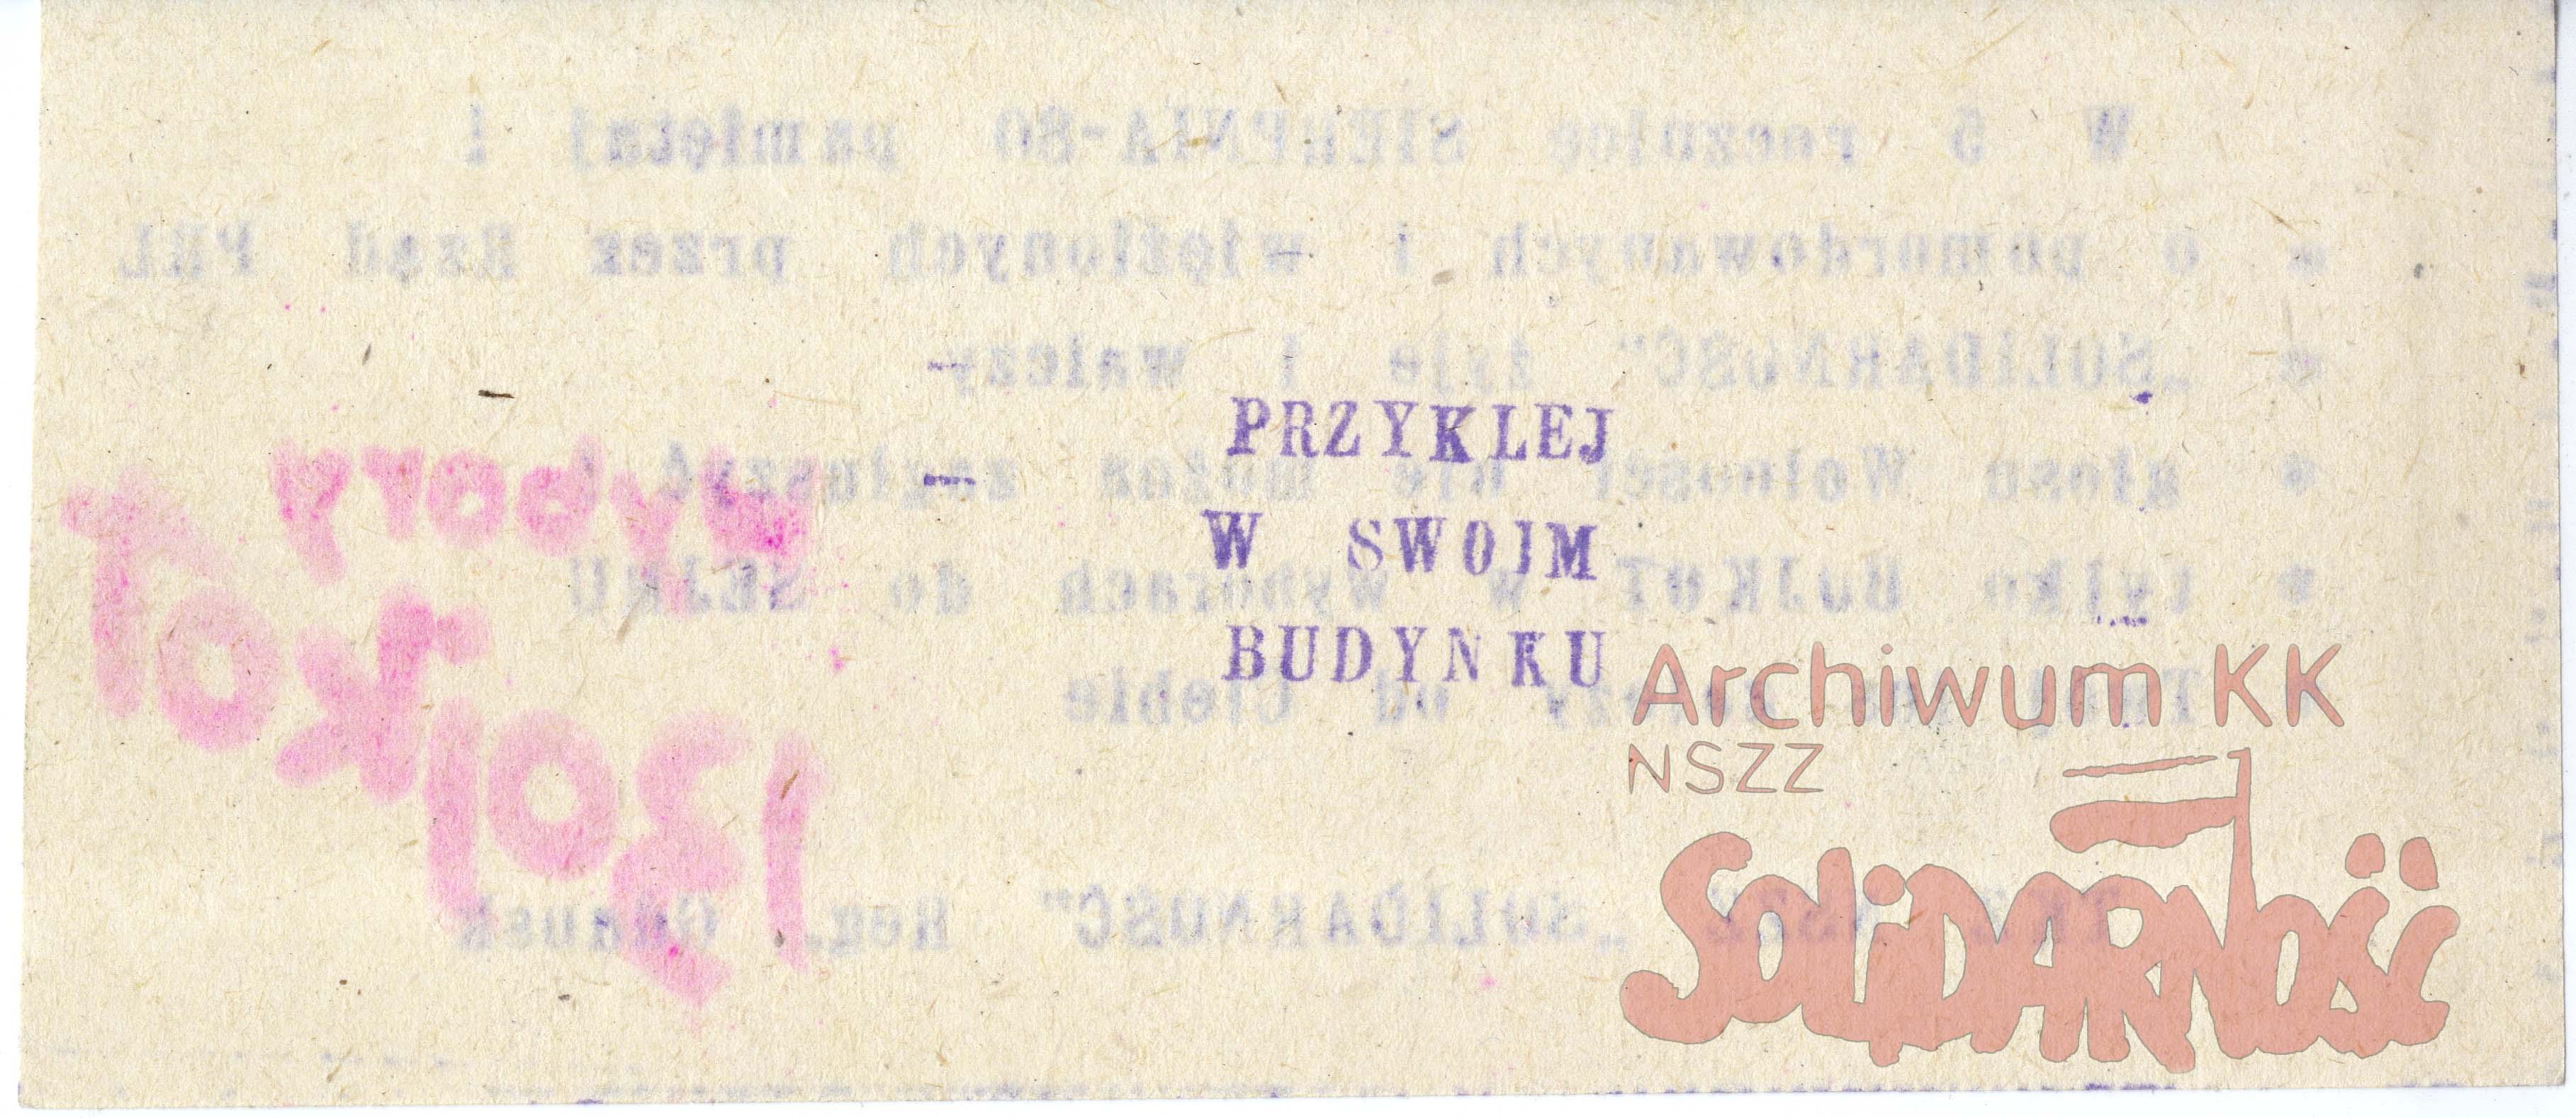 AKKS-347-076-006-002B